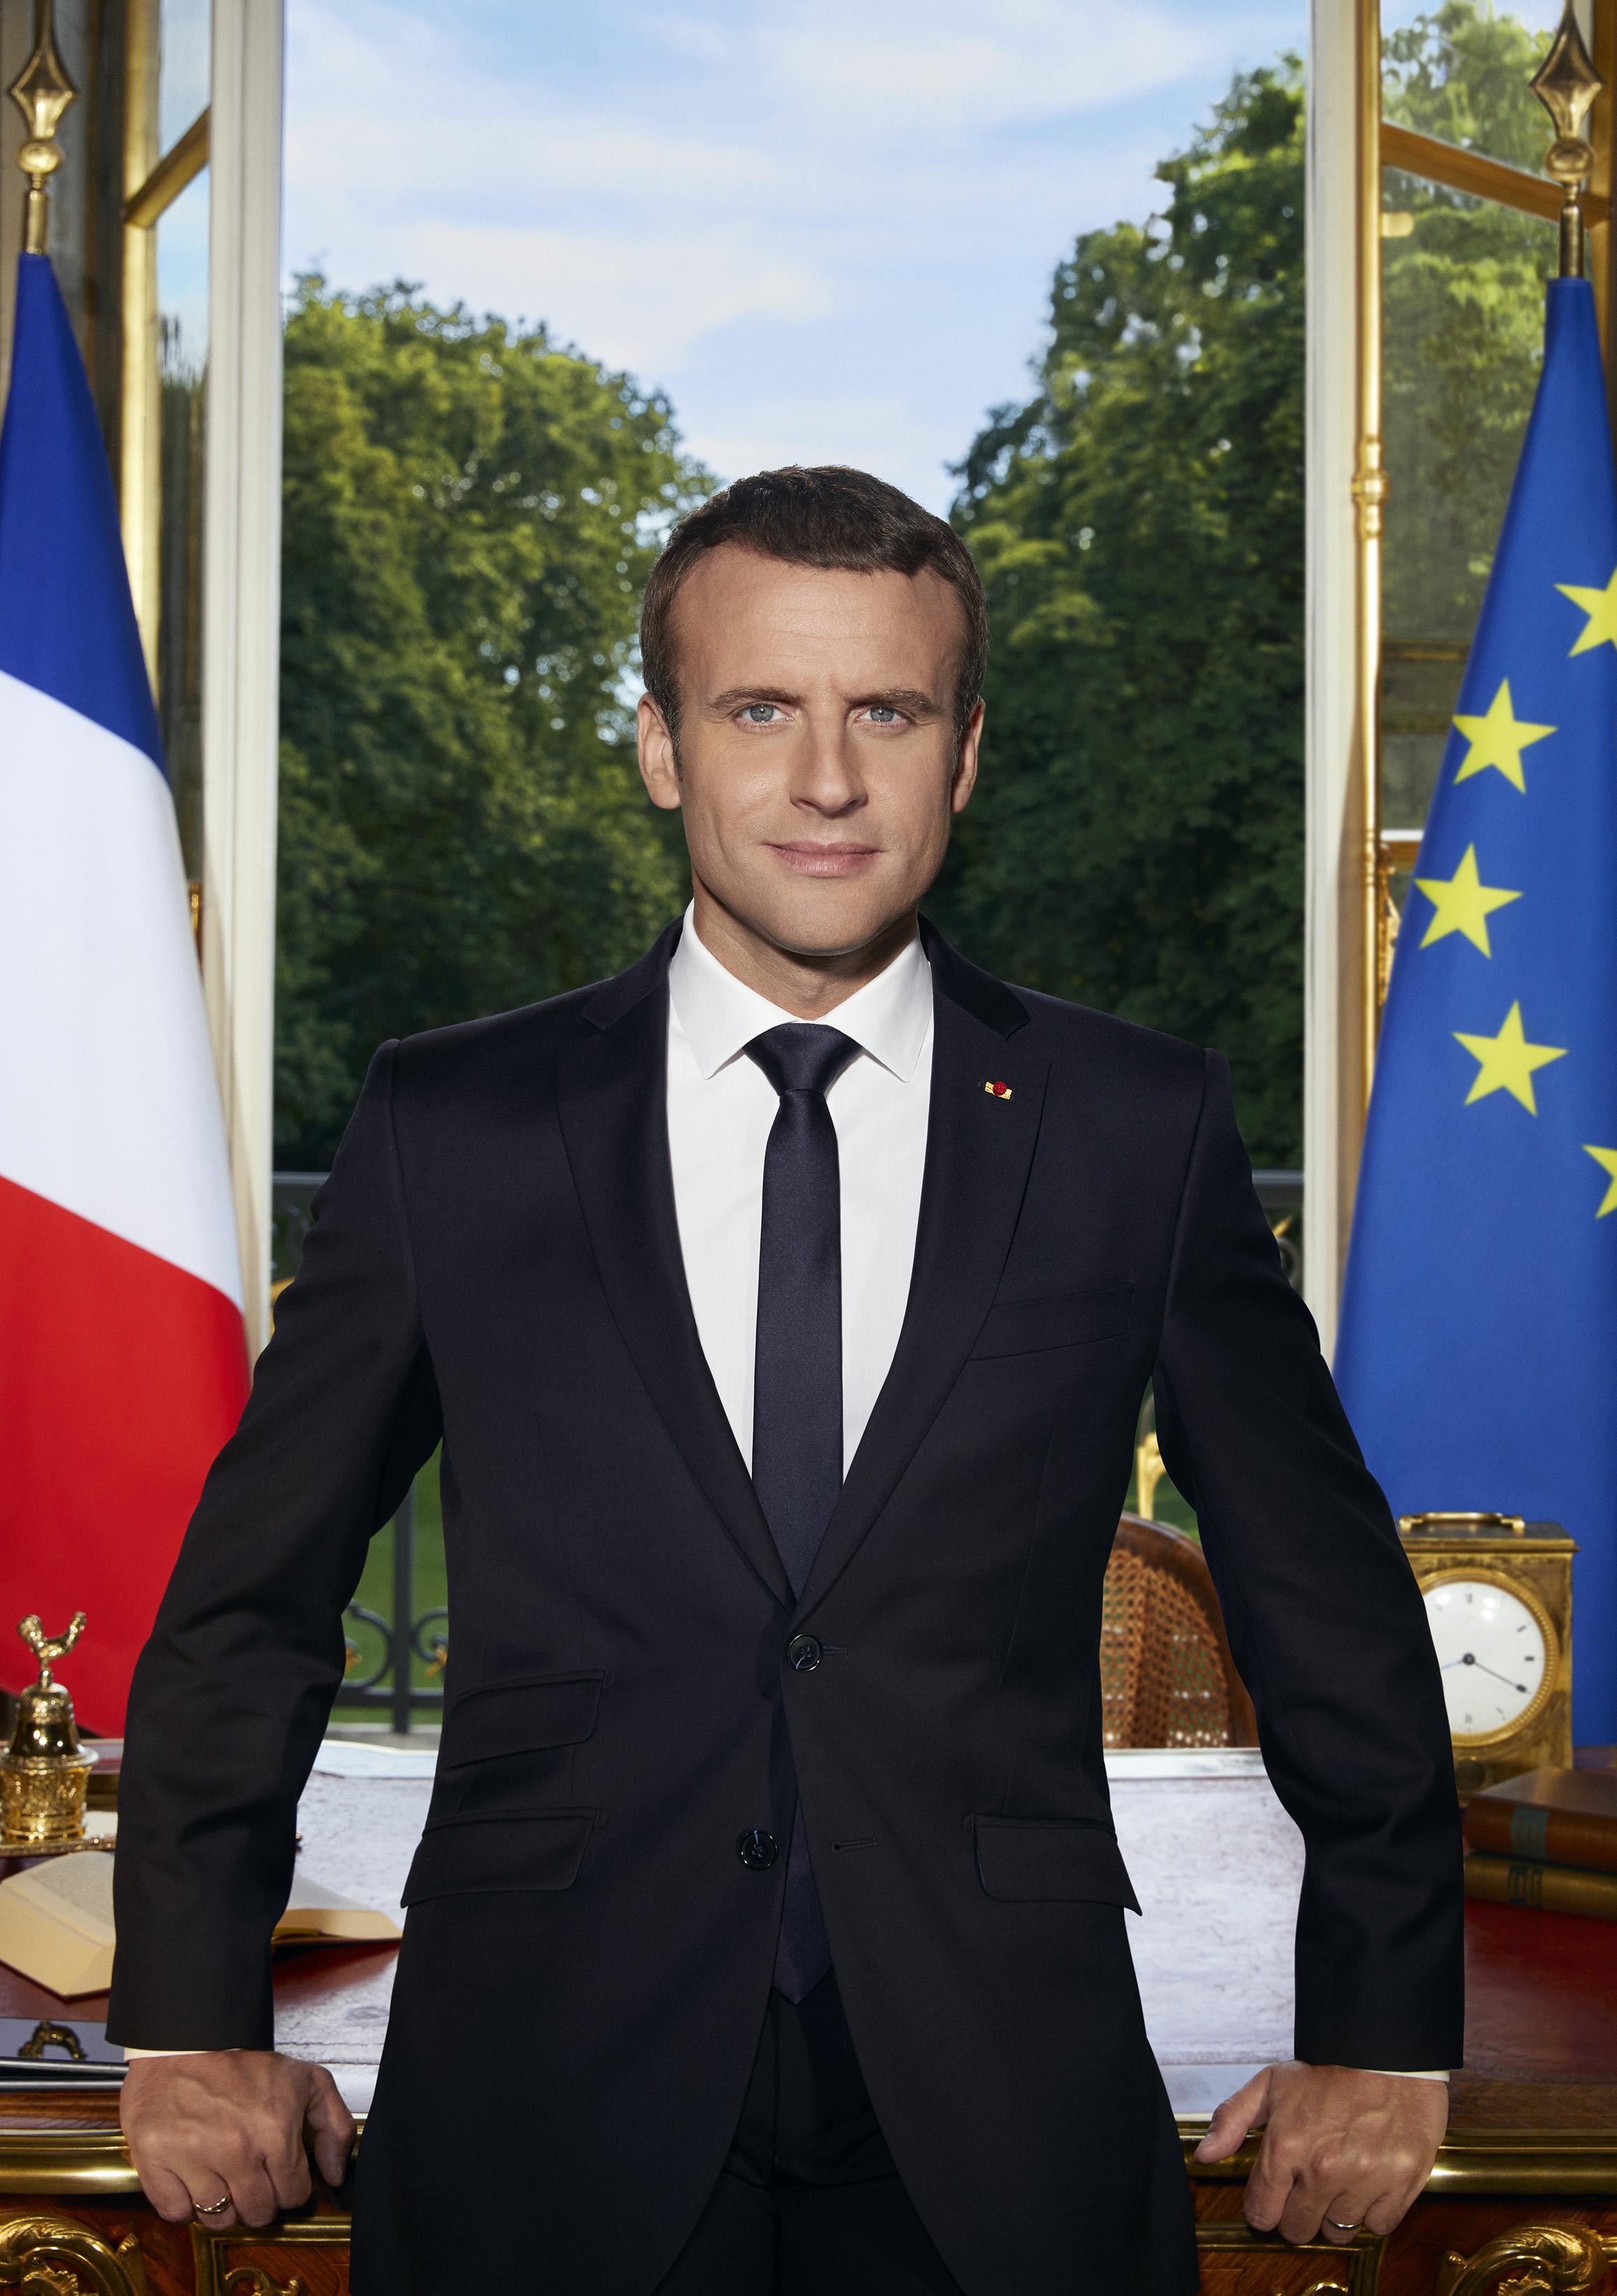 Emmanuel Macron S Official Portrait Is A Symbolic Celebration Of Centrism Quartz